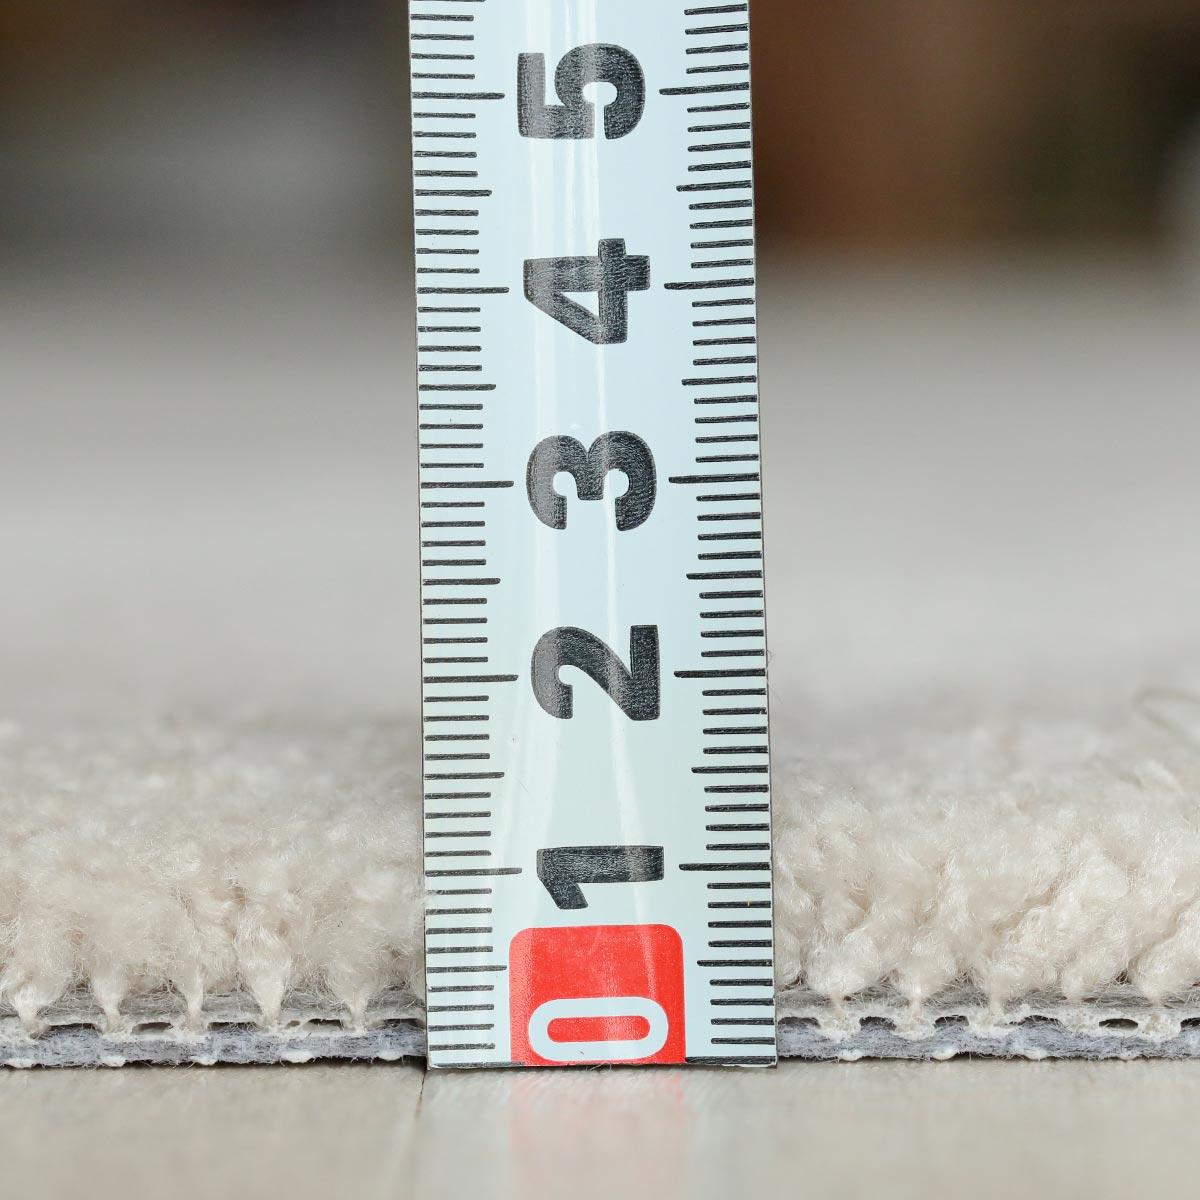 パイル長は約15mm。ふんわりした踏み心地だけどお手入れもしやすい長さです。